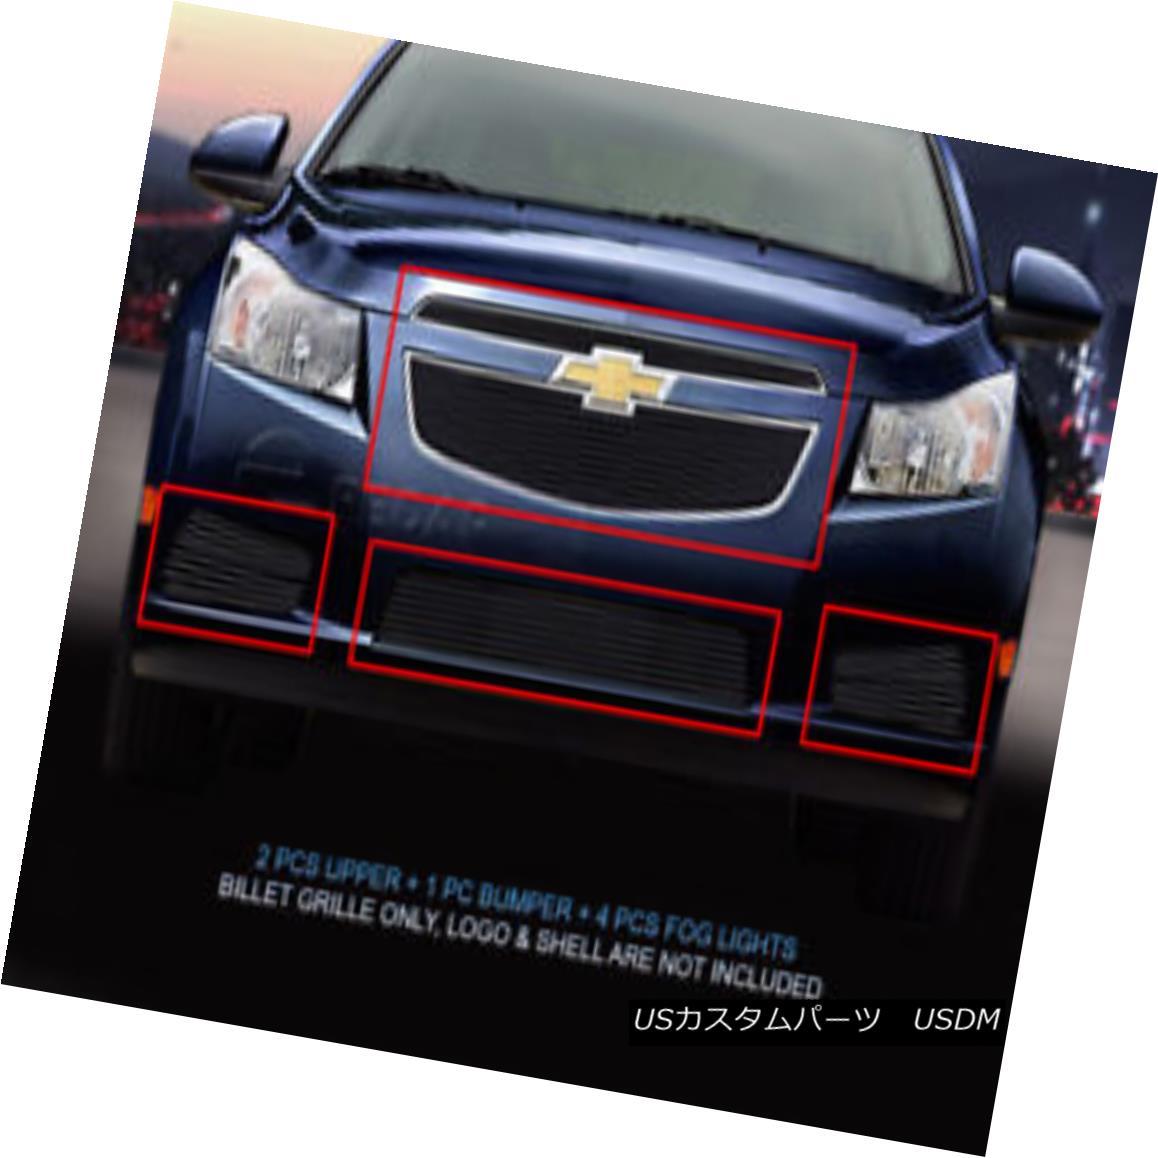 グリル Fedar Fits 2011-2014 Chevy Cruze LT/LTZ Black Billet Grille Insert Fedarは2011-2014シボレー・クルーズLT / LTZブラック・ビレット・グリル・インサートを適合